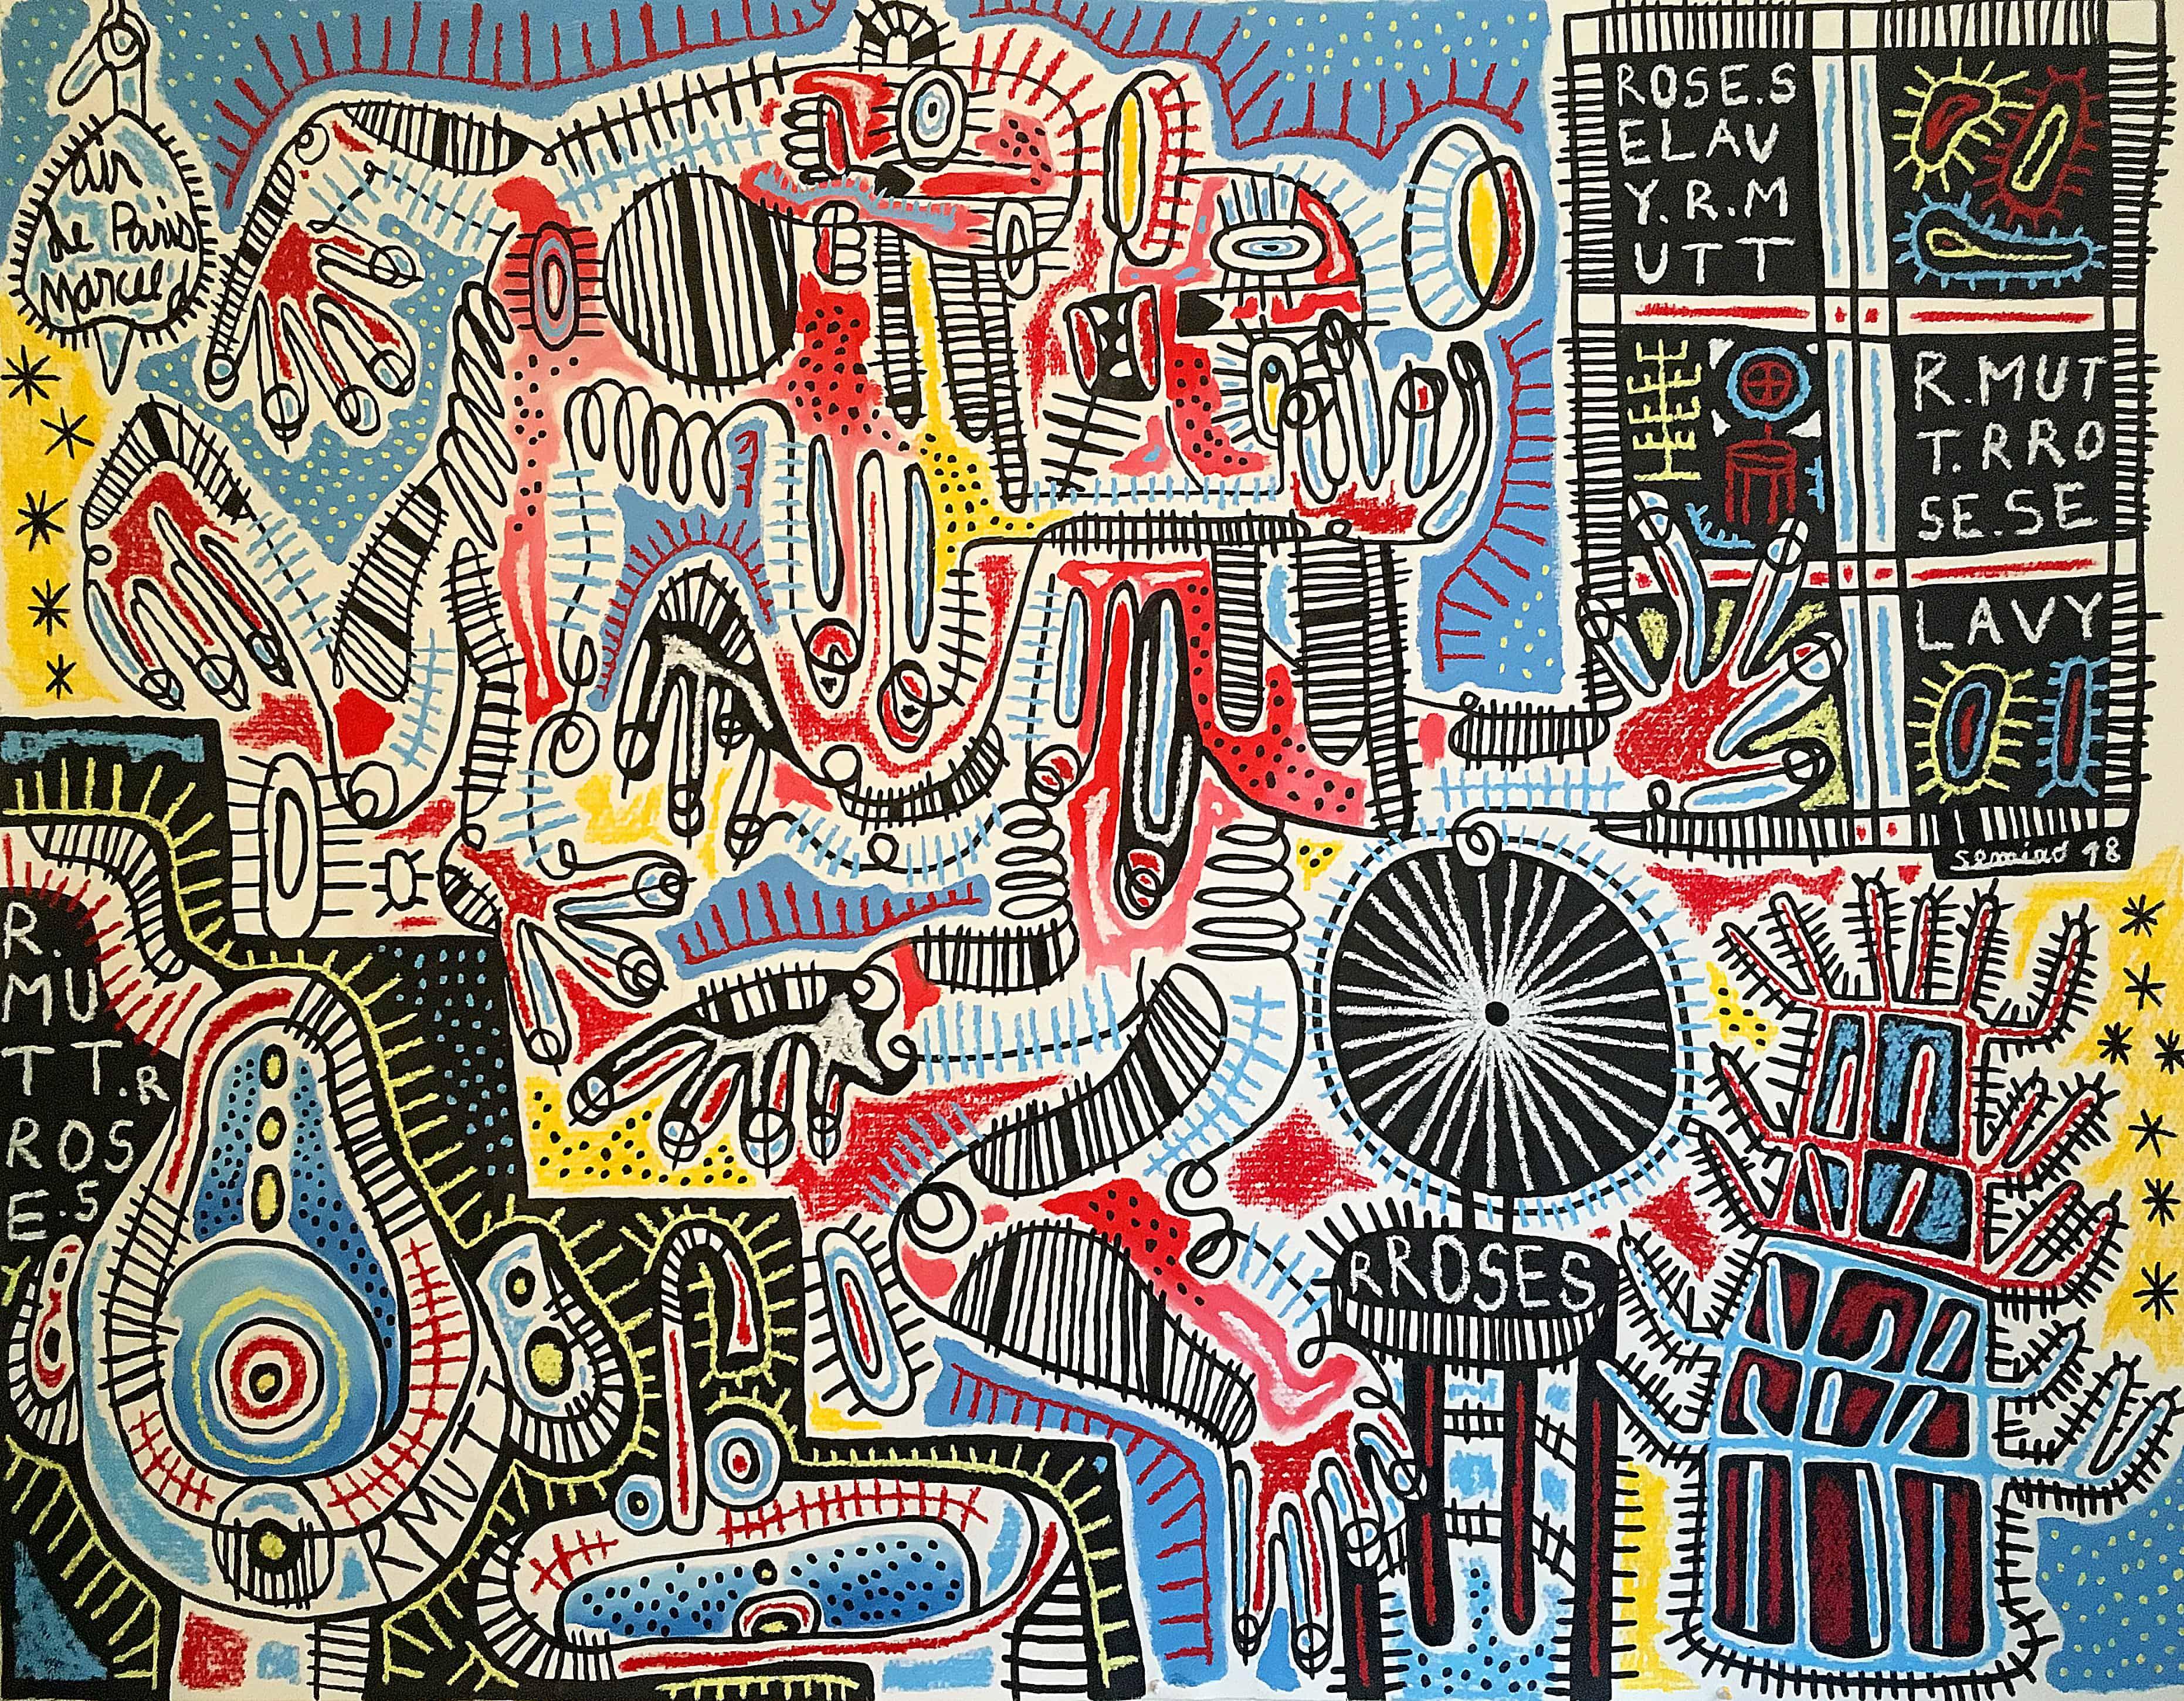 Hommage à Marcel Duchamp